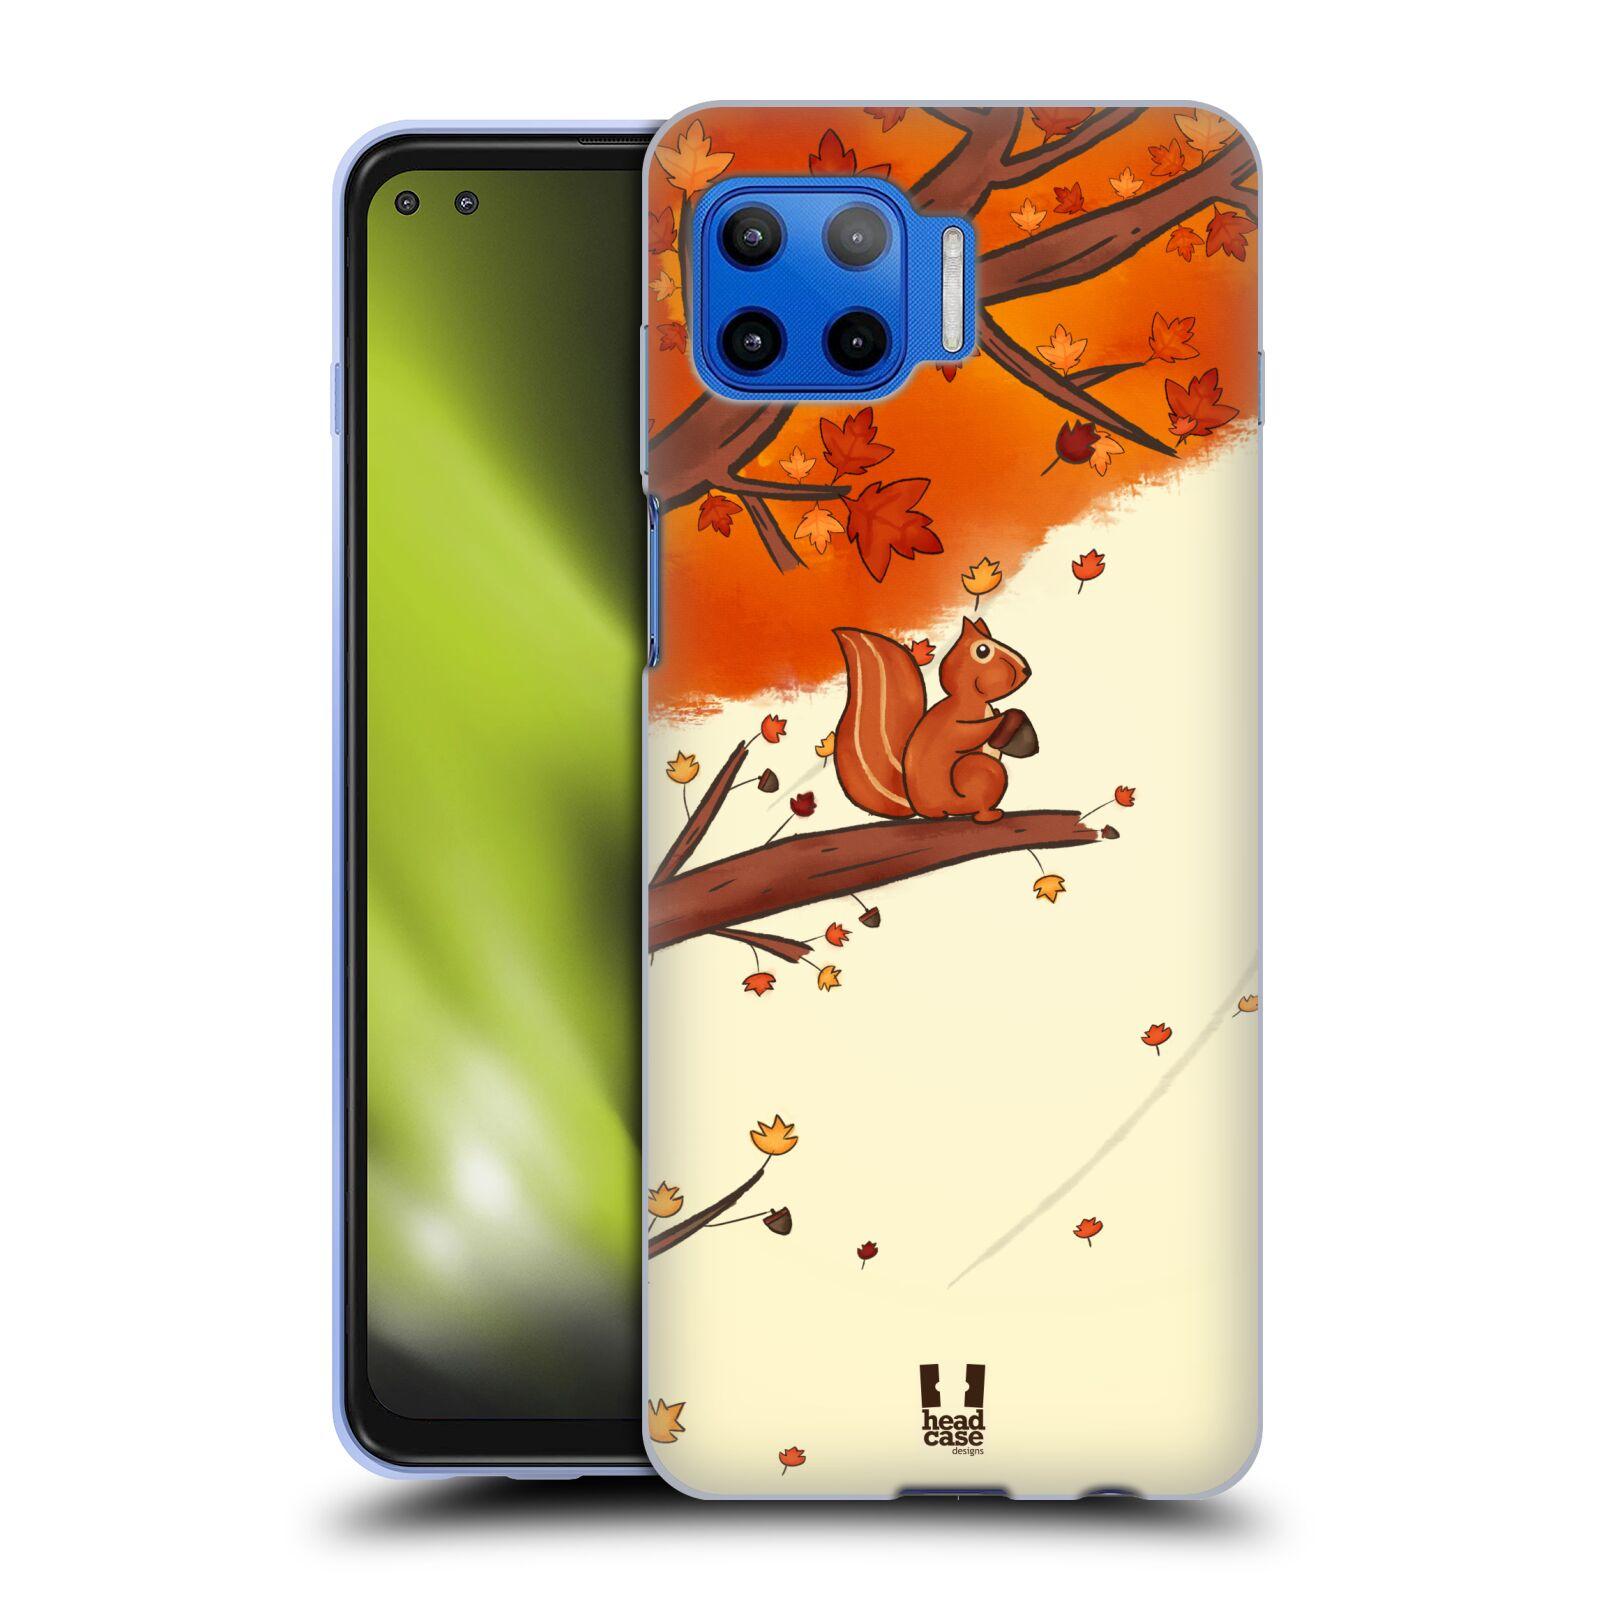 Silikonové pouzdro na mobil Motorola Moto G 5G Plus - Head Case - PODZIMNÍ VEVERKA